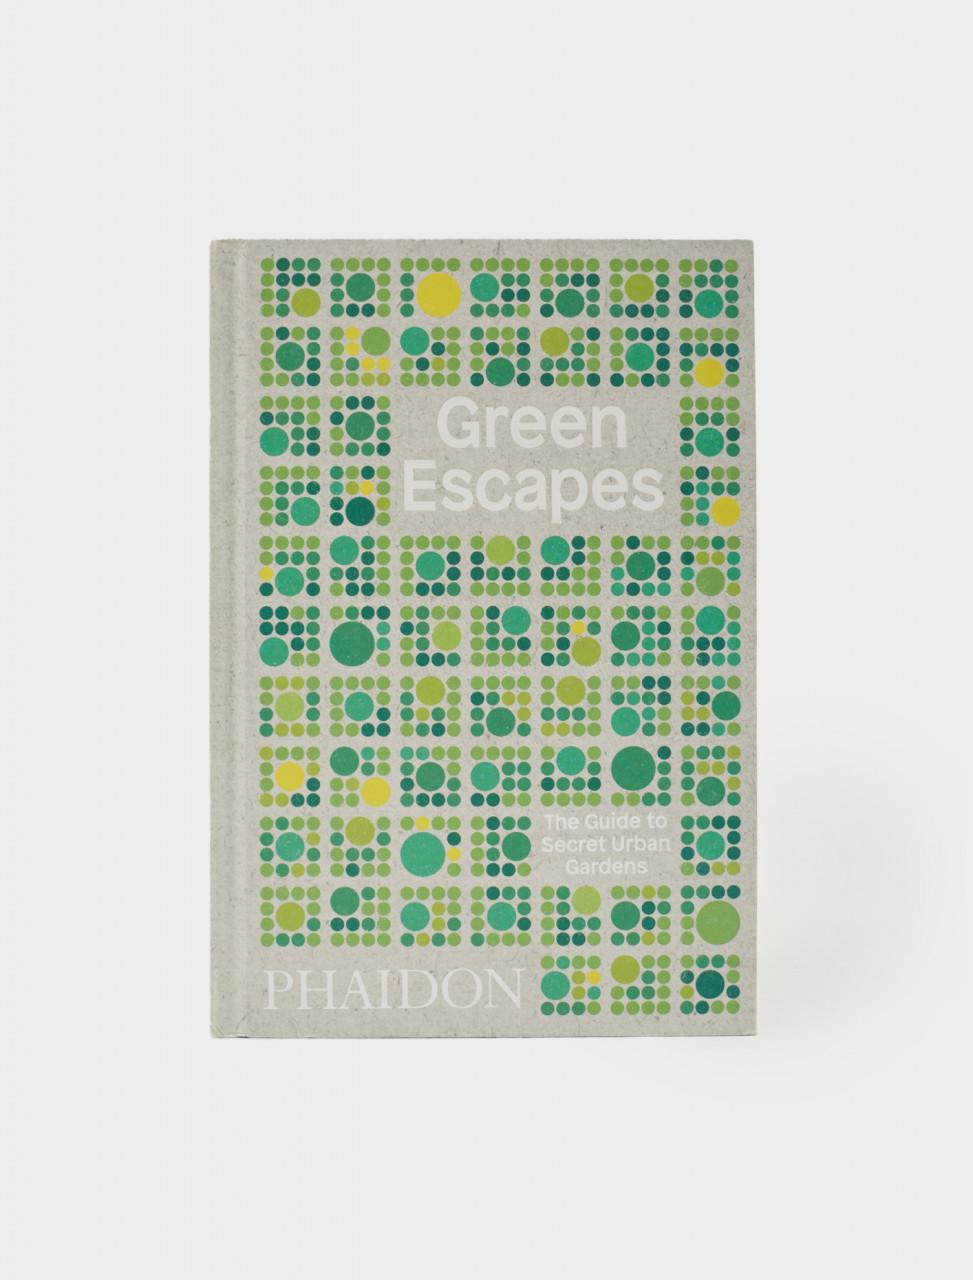 Phaidon Green Escapes Book Cover